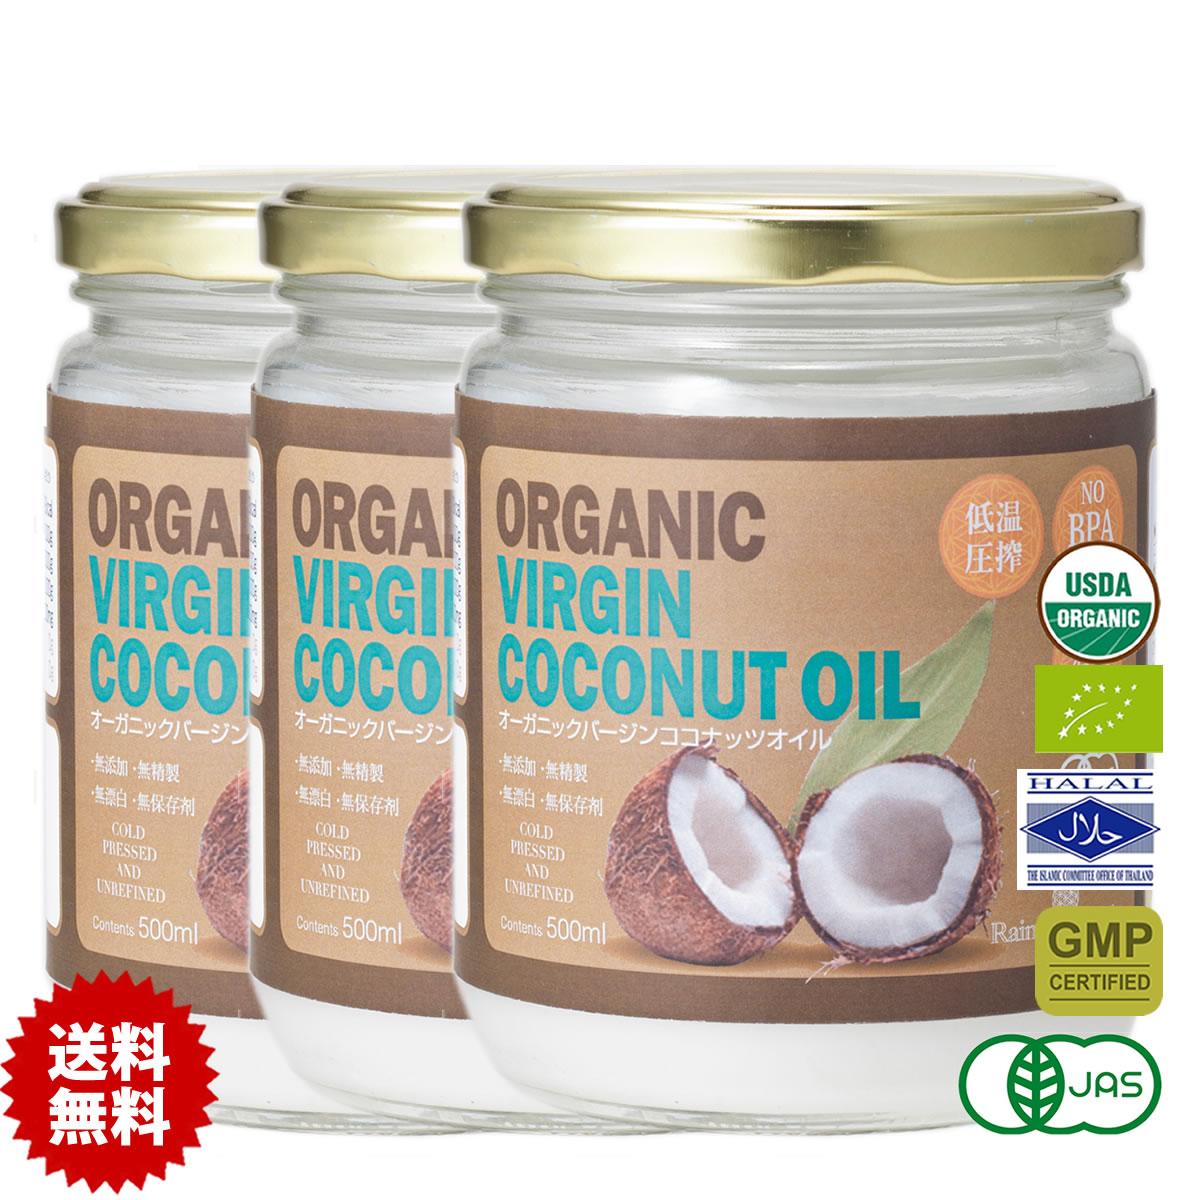 価格改定!有機JASオーガニックバージンココナッツオイル500ml 3個 タイ産 organic virgin coconut oil 冷温圧搾一番搾りやし油 送料無料